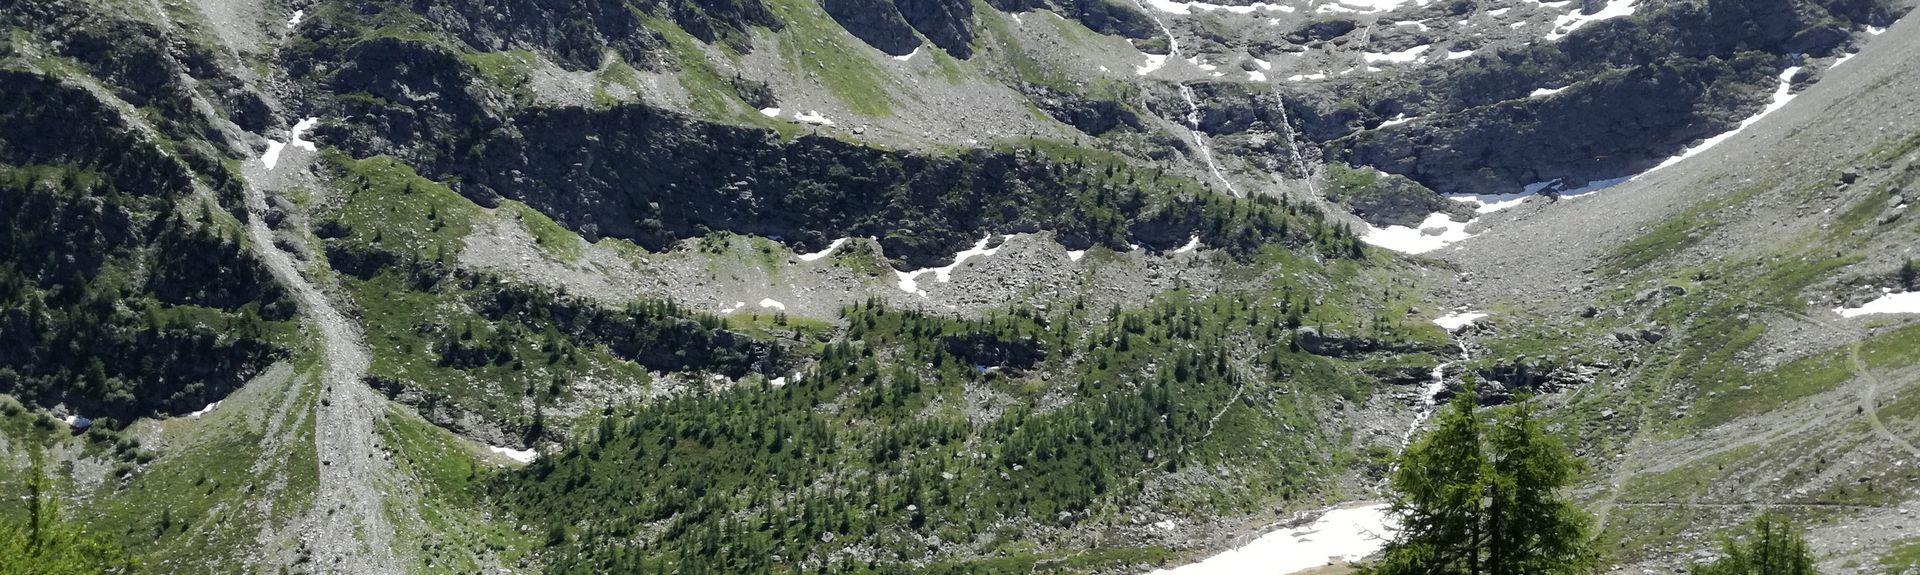 Valgrisenche, Dolina Aosty, Włochy